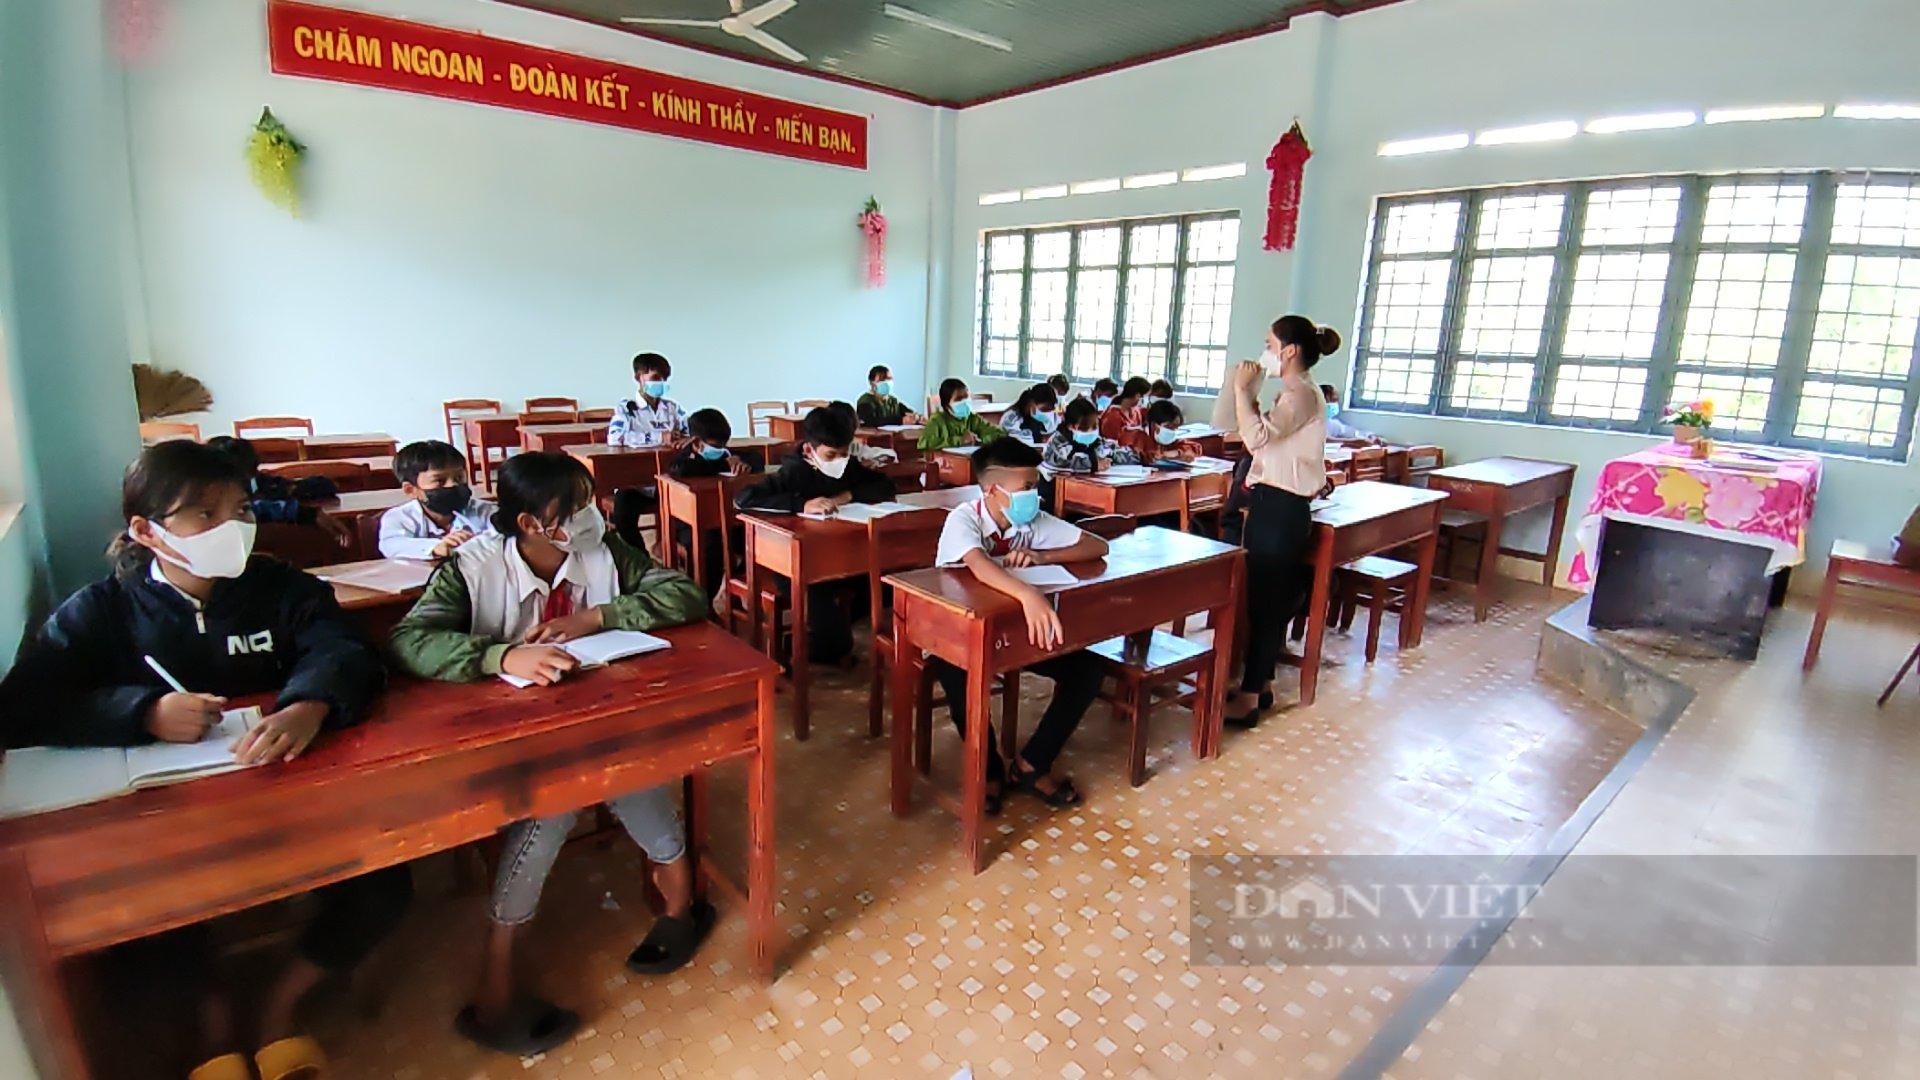 Gia Lai: Nhiều học sinh có nguy cơ bỏ học do xã hoàn thành tiêu chí Nông thôn mới - Ảnh 5.